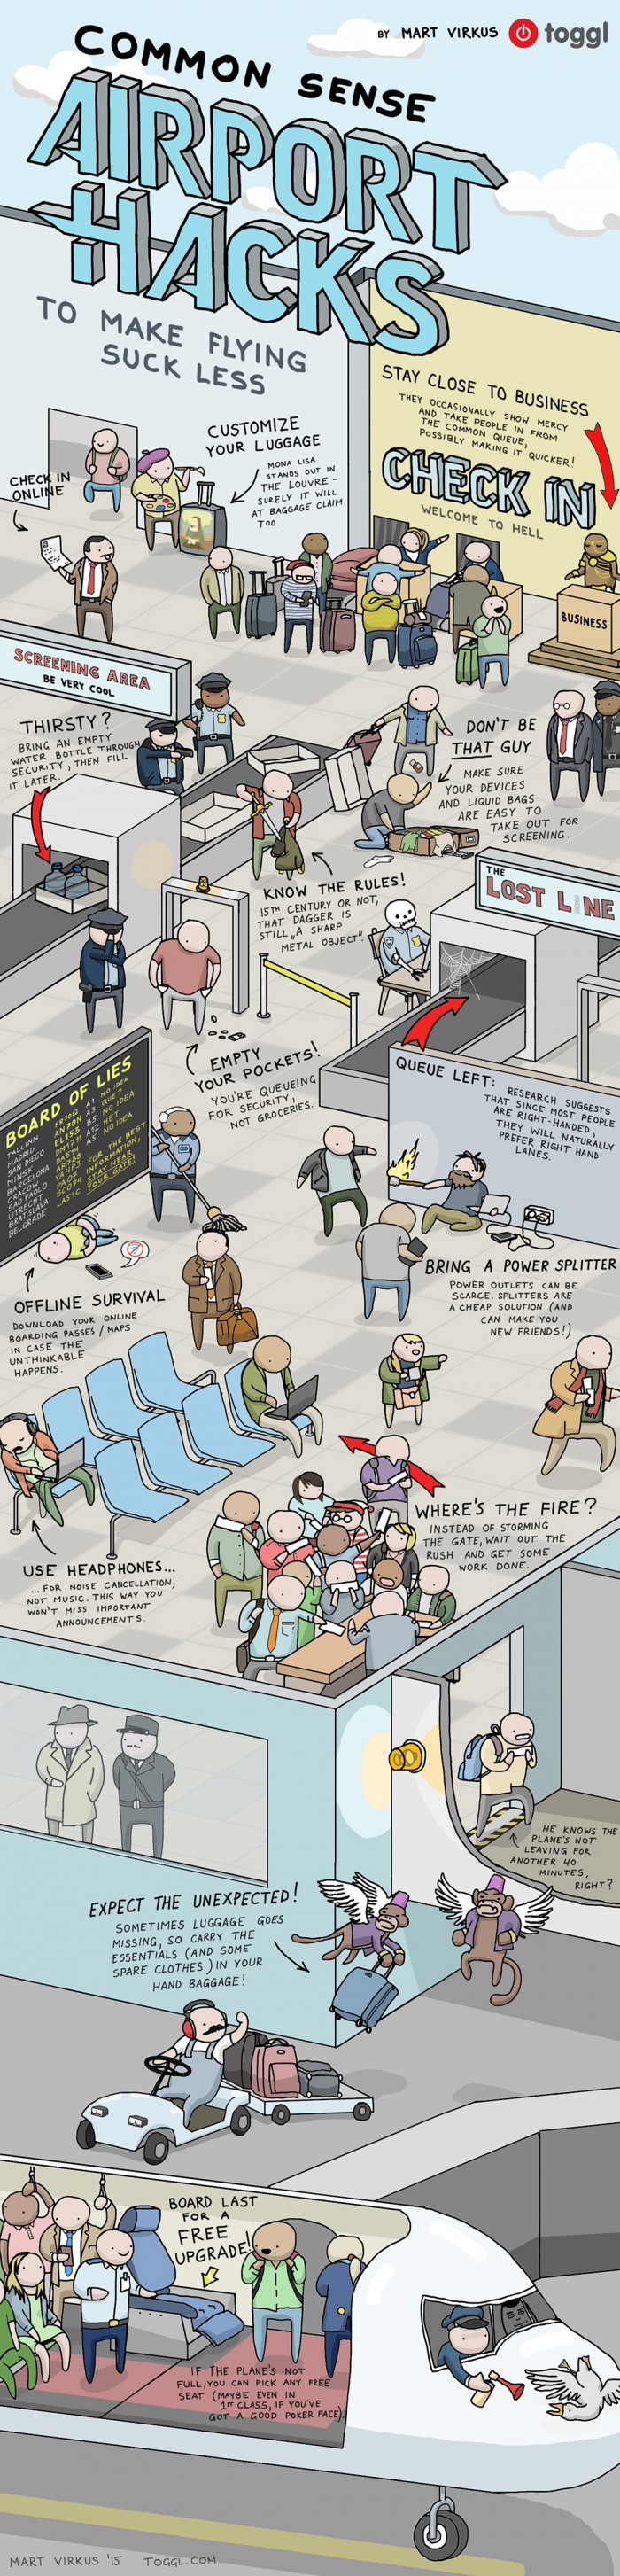 Airport Hacks